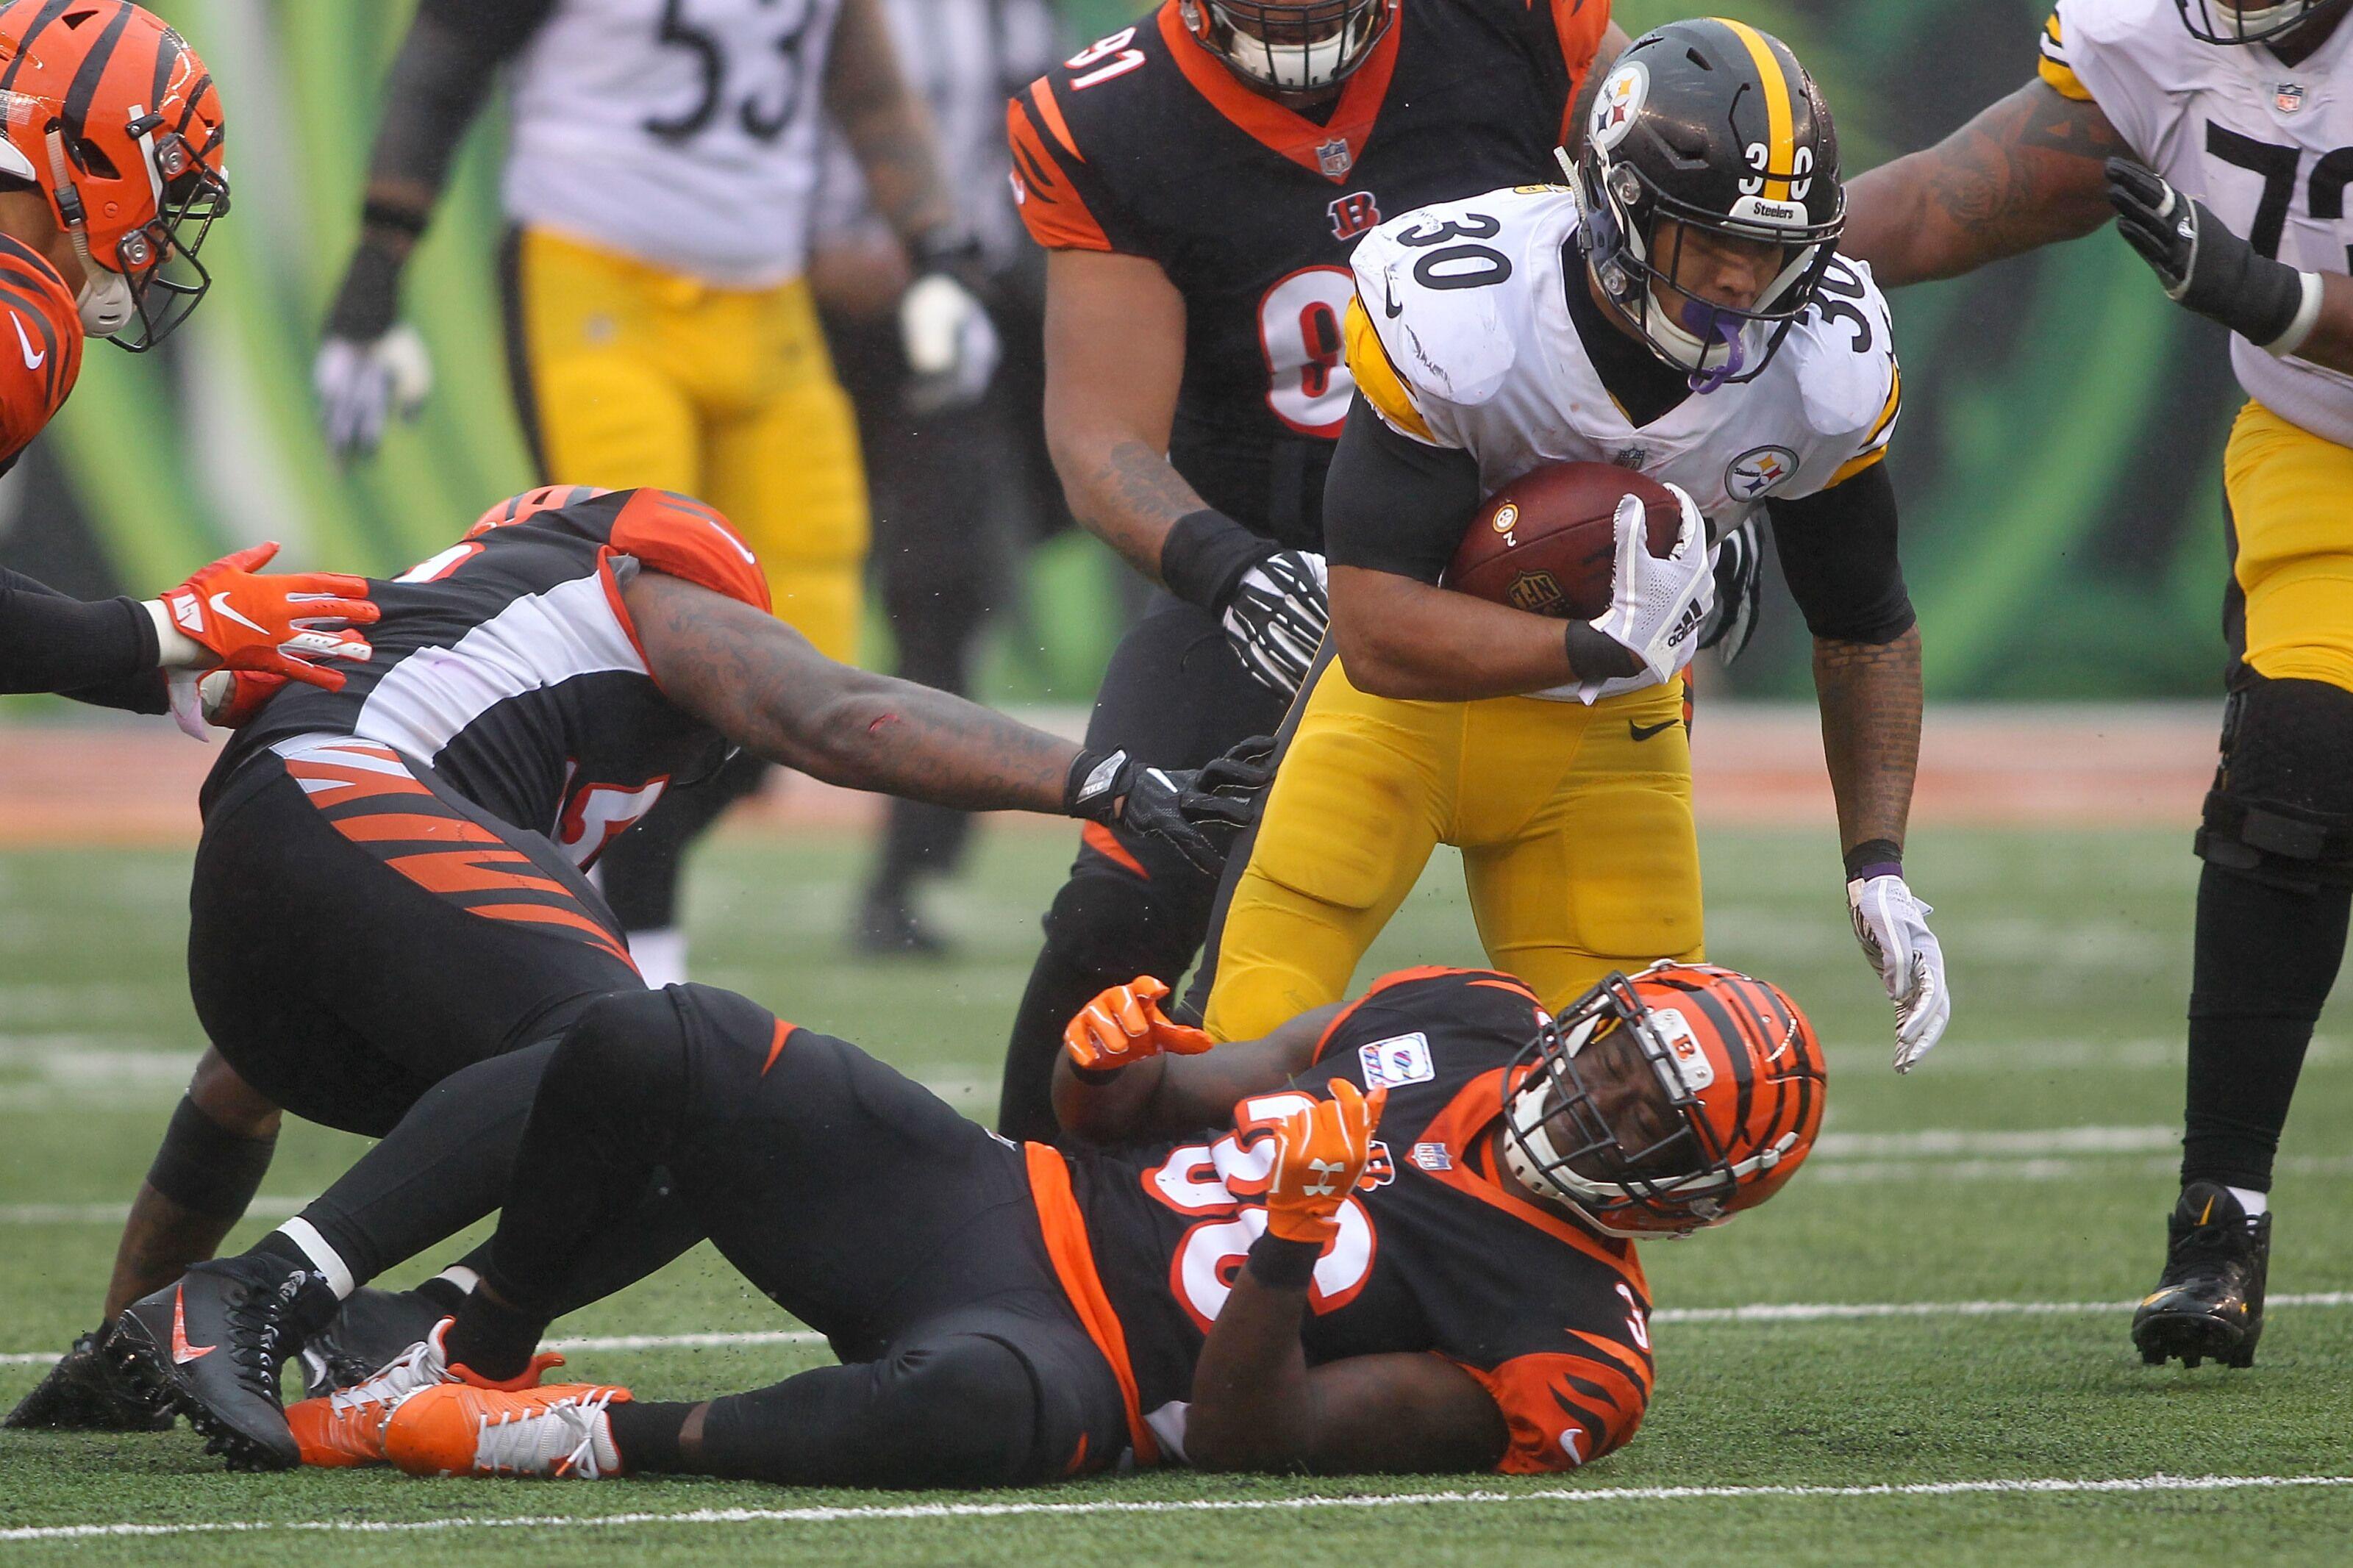 Cincinnati Bengals: Big takeaways from loss in Week 6 vs. Steelers